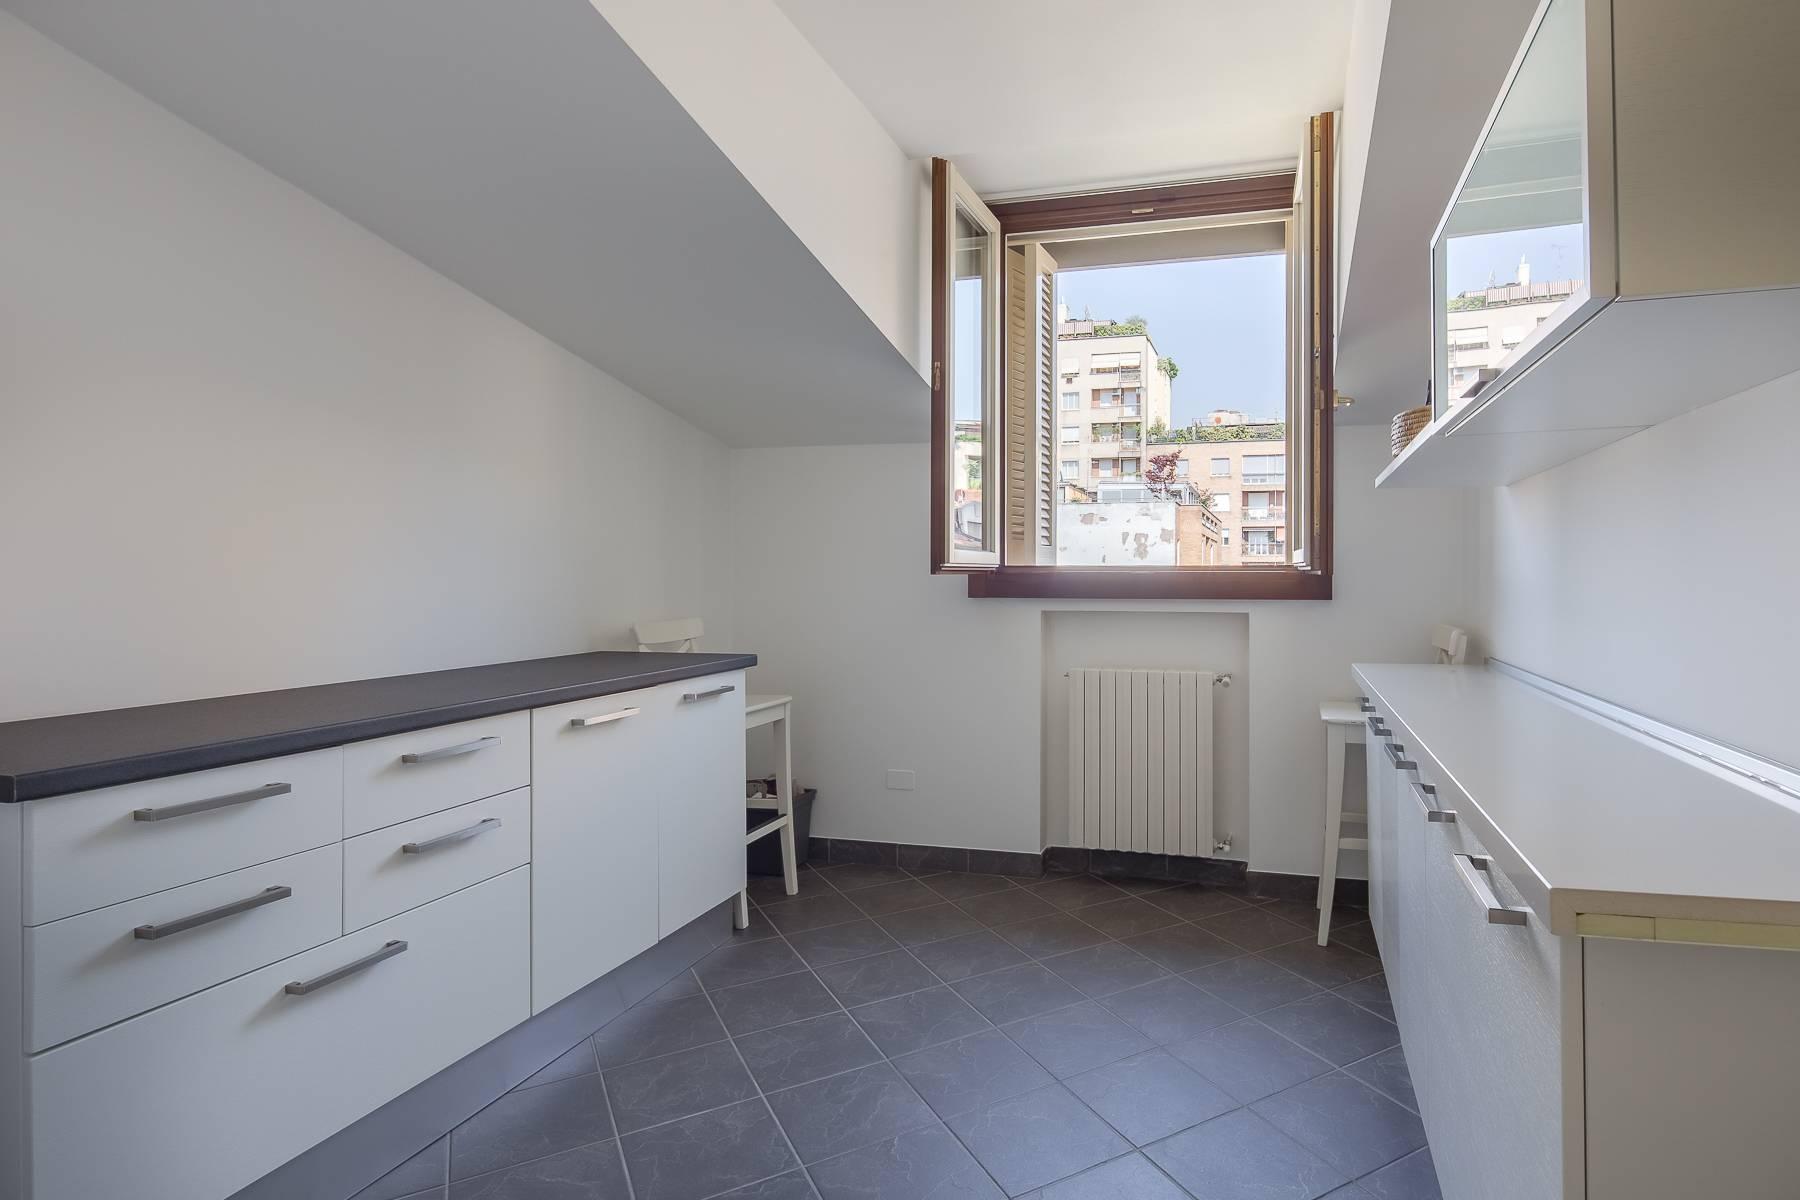 Grazioso appartamento mansardato con 4 camere in Magenta - 6